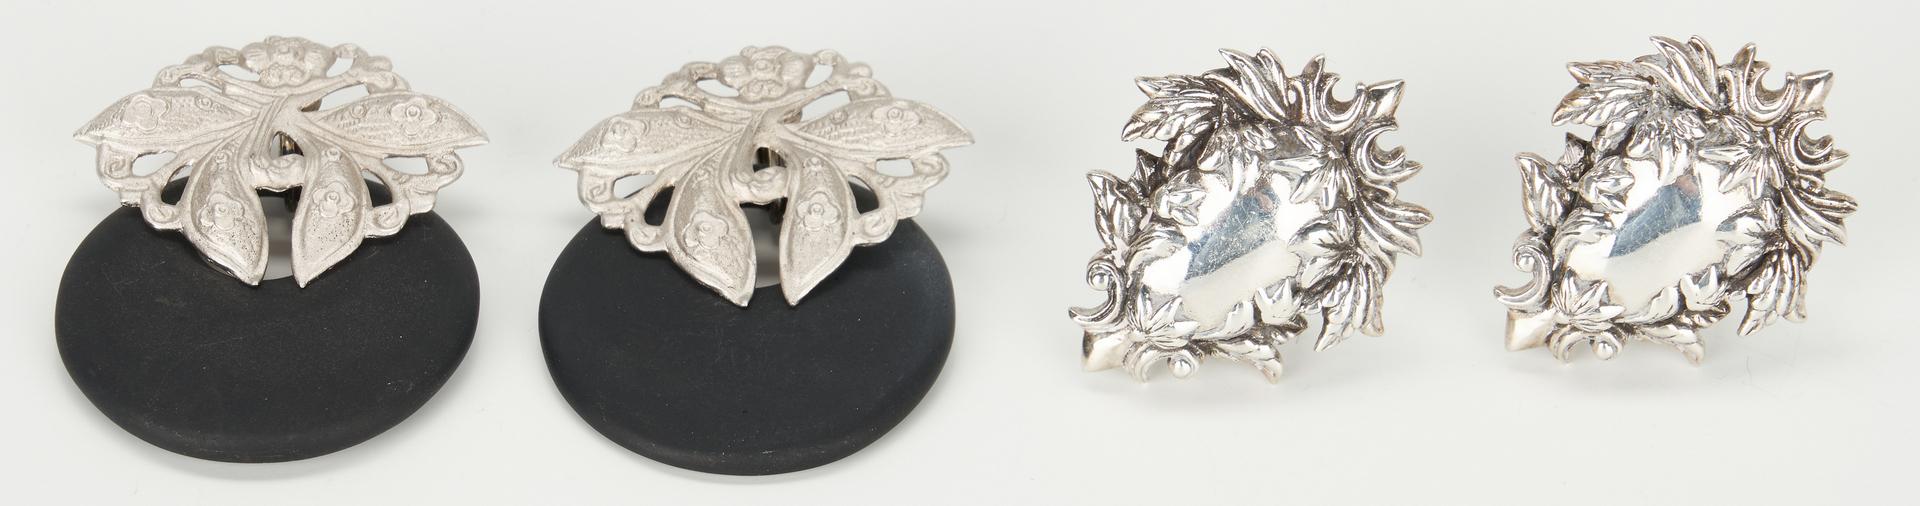 Lot 716: Sterling Jewelry & Belt incl. Stephen Dweck